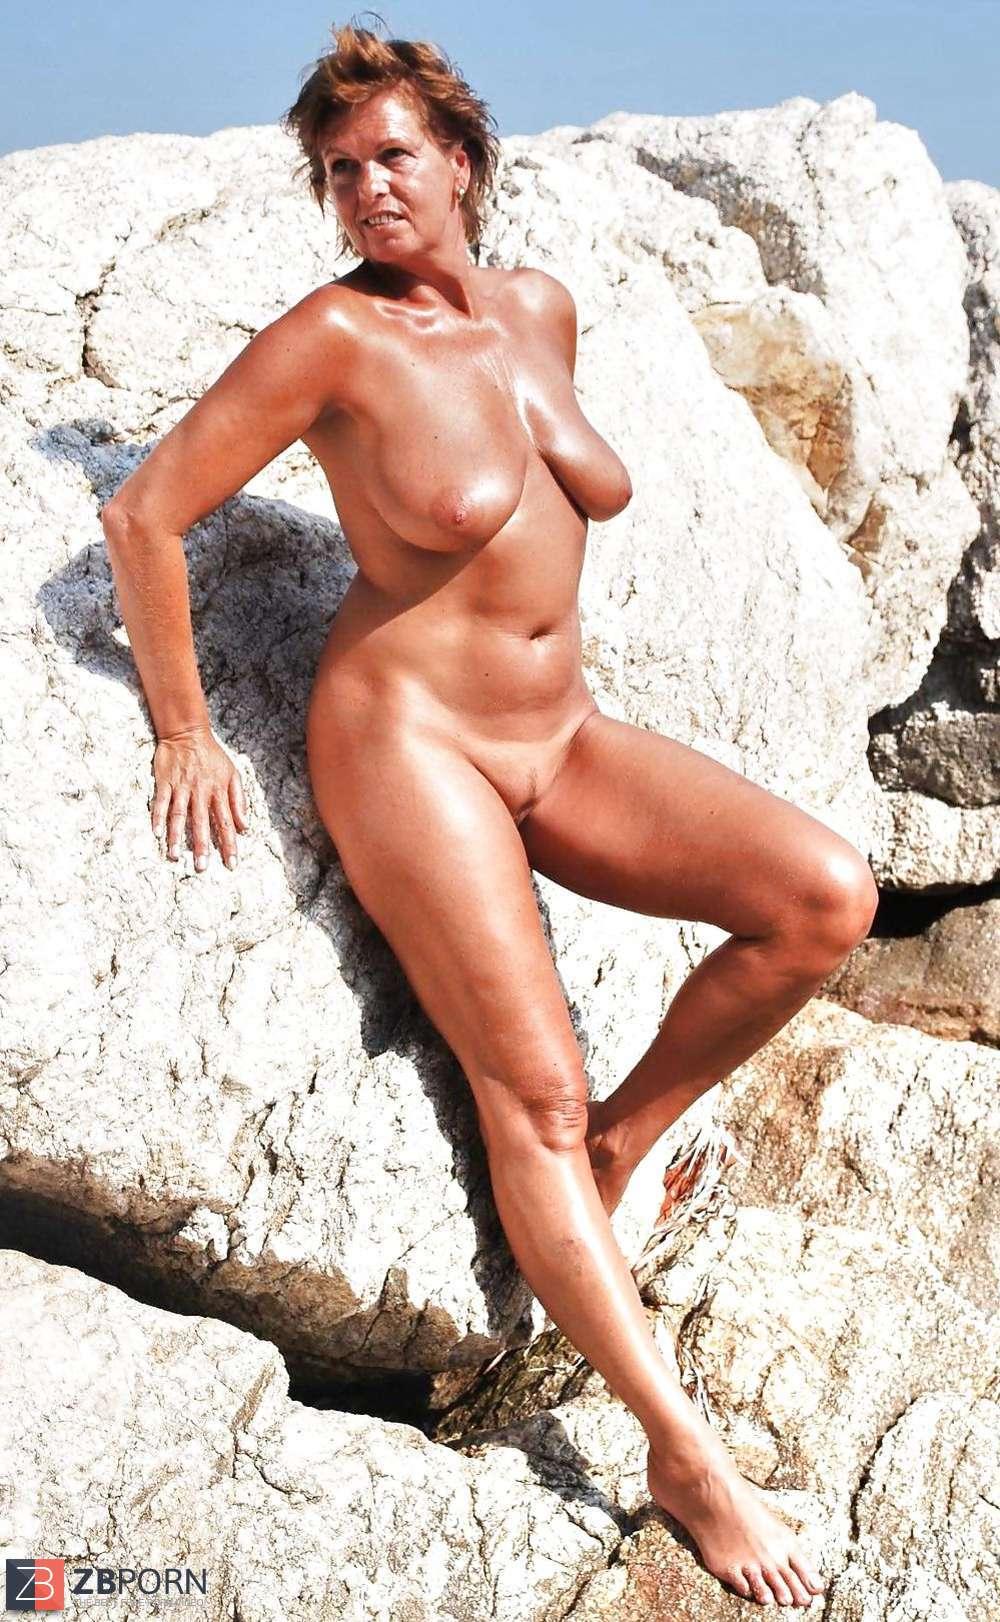 Celia lora nude pics